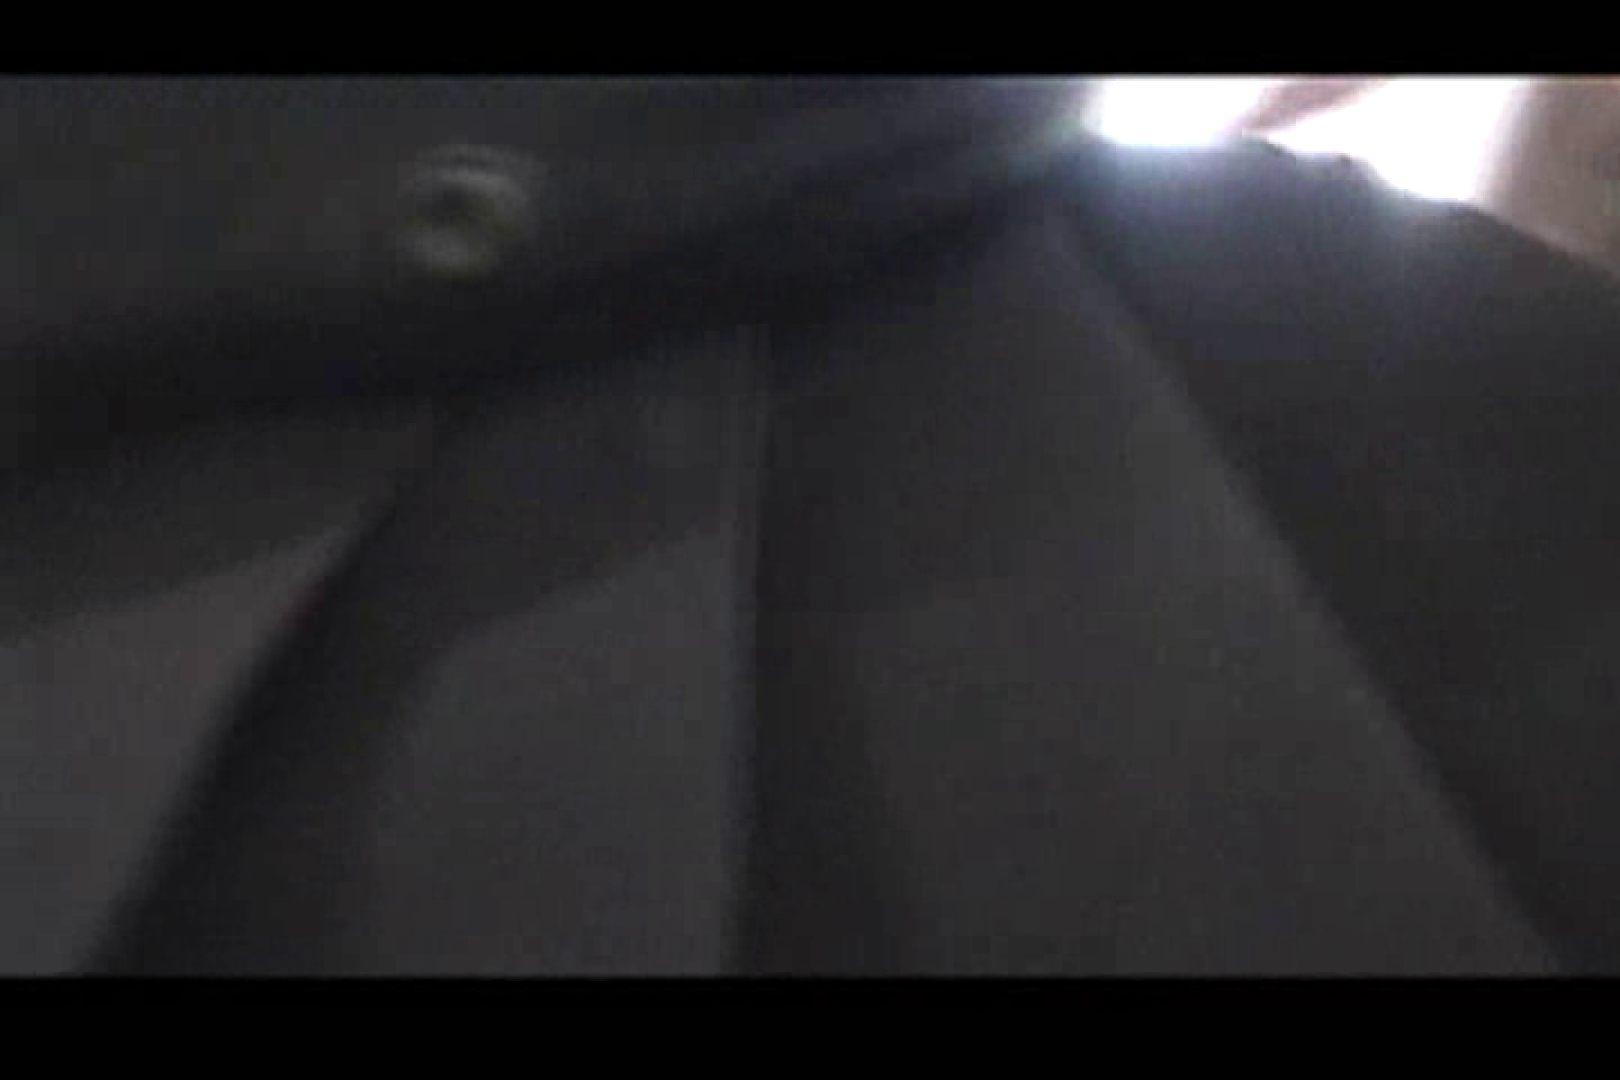 ぶっ掛け電車 只今運行中Vol.6 OLエロ画像 | ギャルエロ画像  73PICs 1